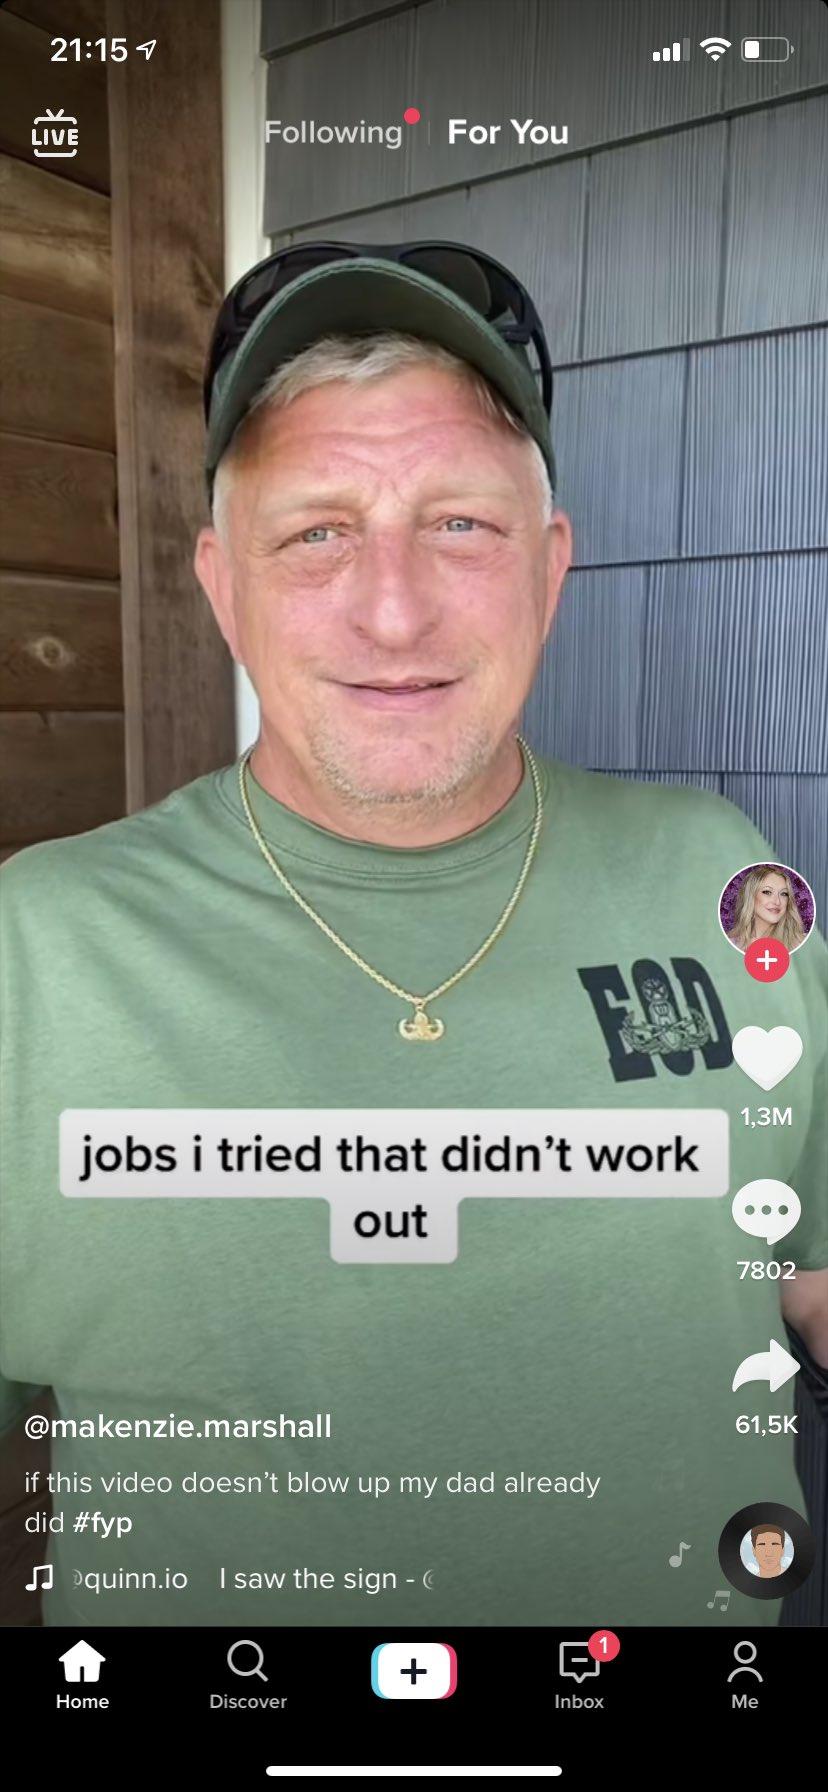 Trabajos que probé y no funcionaron